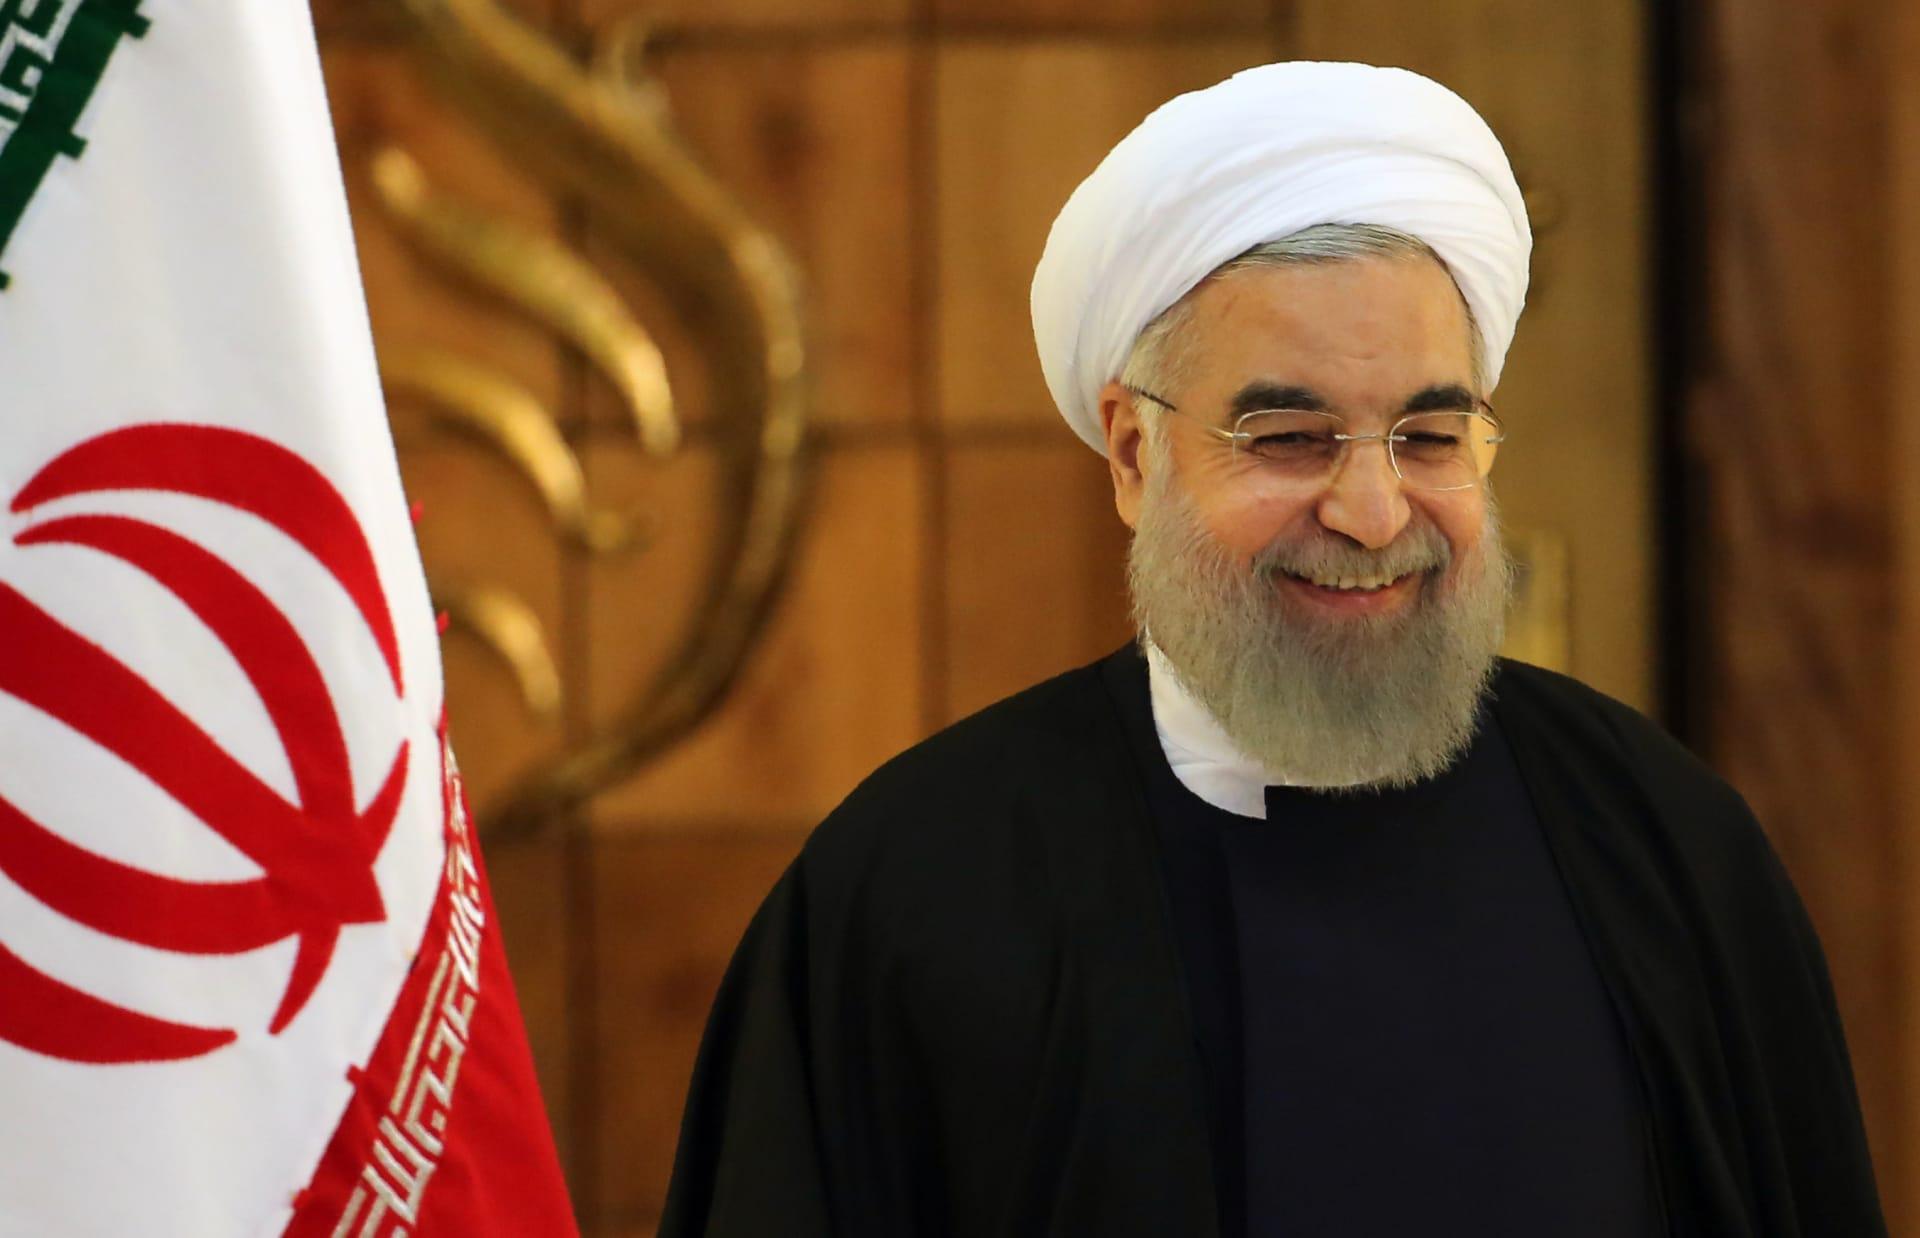 وسط اتهامات قوى الشرق الأوسط لإيران بالإرهاب.. روحاني: لولانا لكان هناك حكومة إرهابية في المنطقة